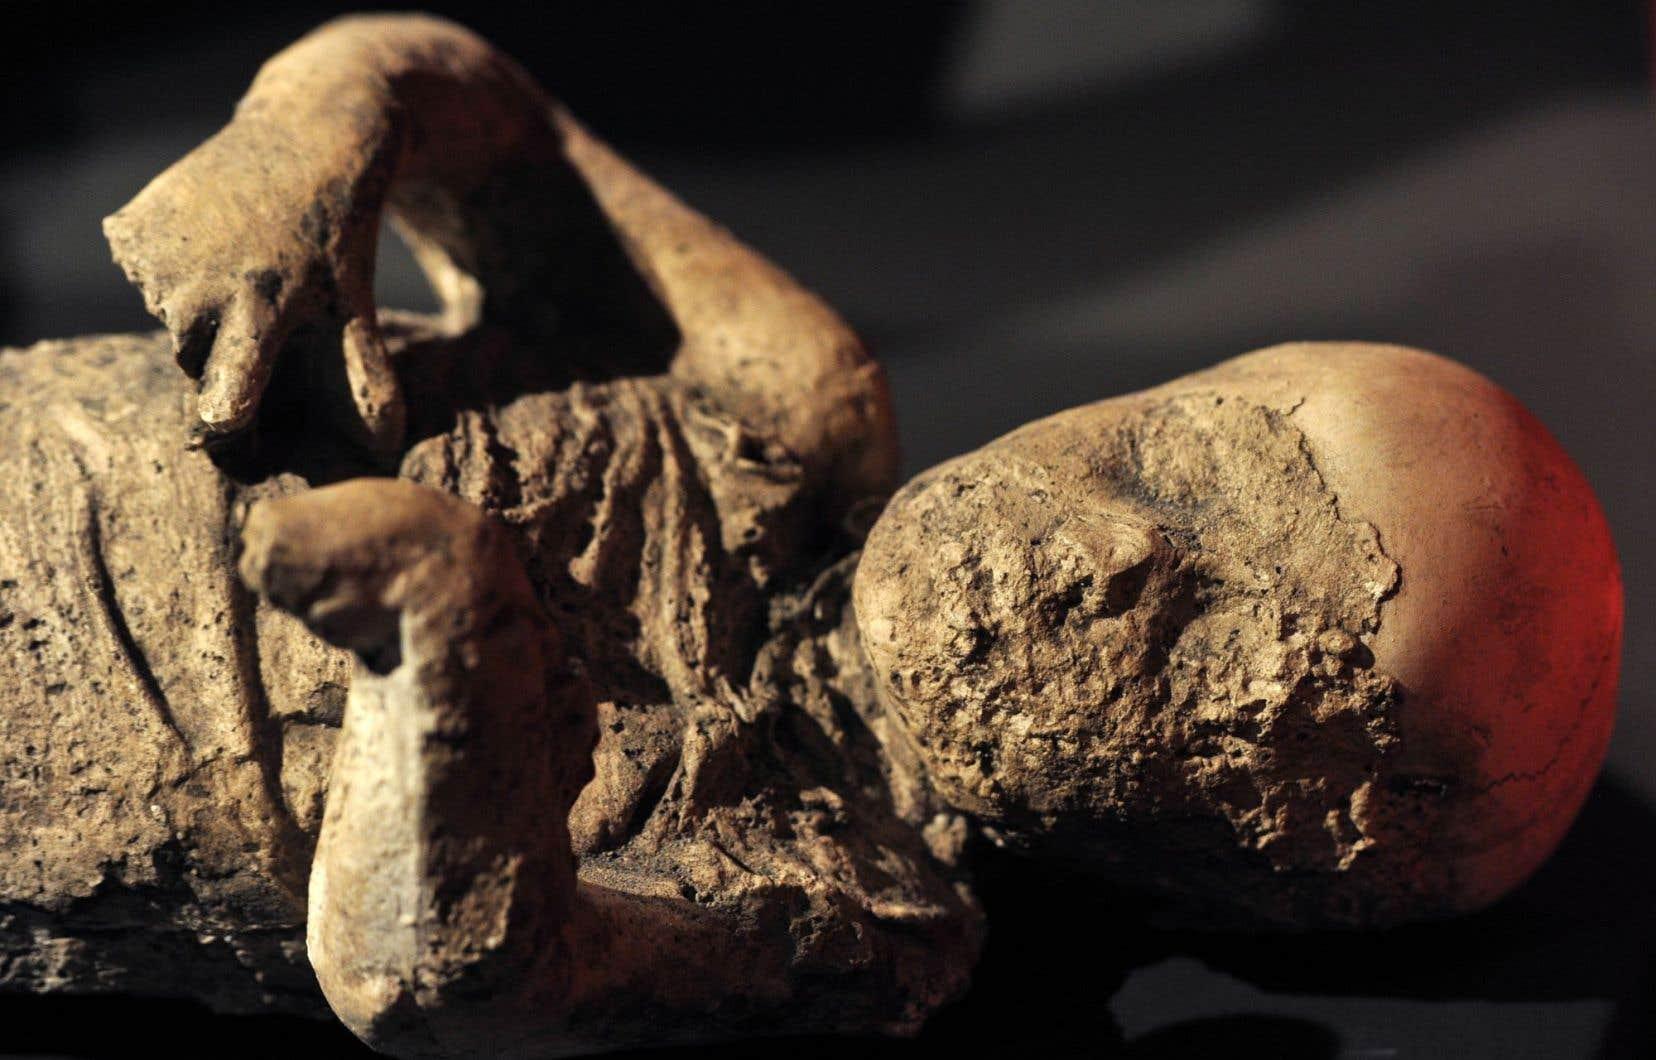 Moulage d'un enfant tué par l'éruption du Vésuve et exposé au British Museum en 2013. Le moulage d'un homme recroquevillé a été brisé par un visiteur au MBAM plus tôt cette année.